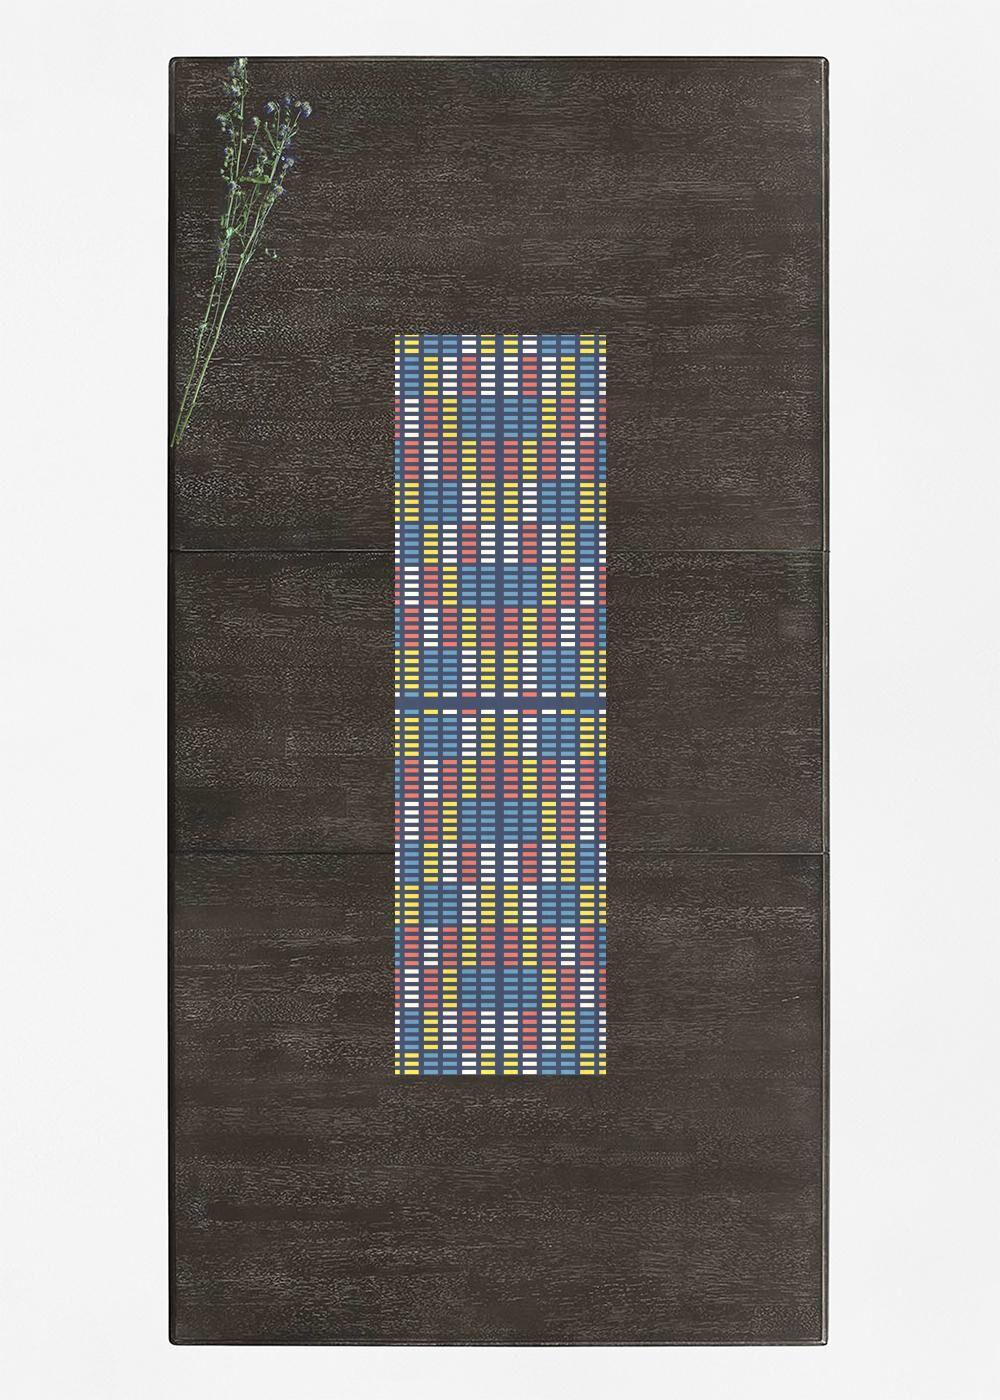 VIDA Table Runner - Retro Music Equalizer by VIDA Original Artist  - Size: Short